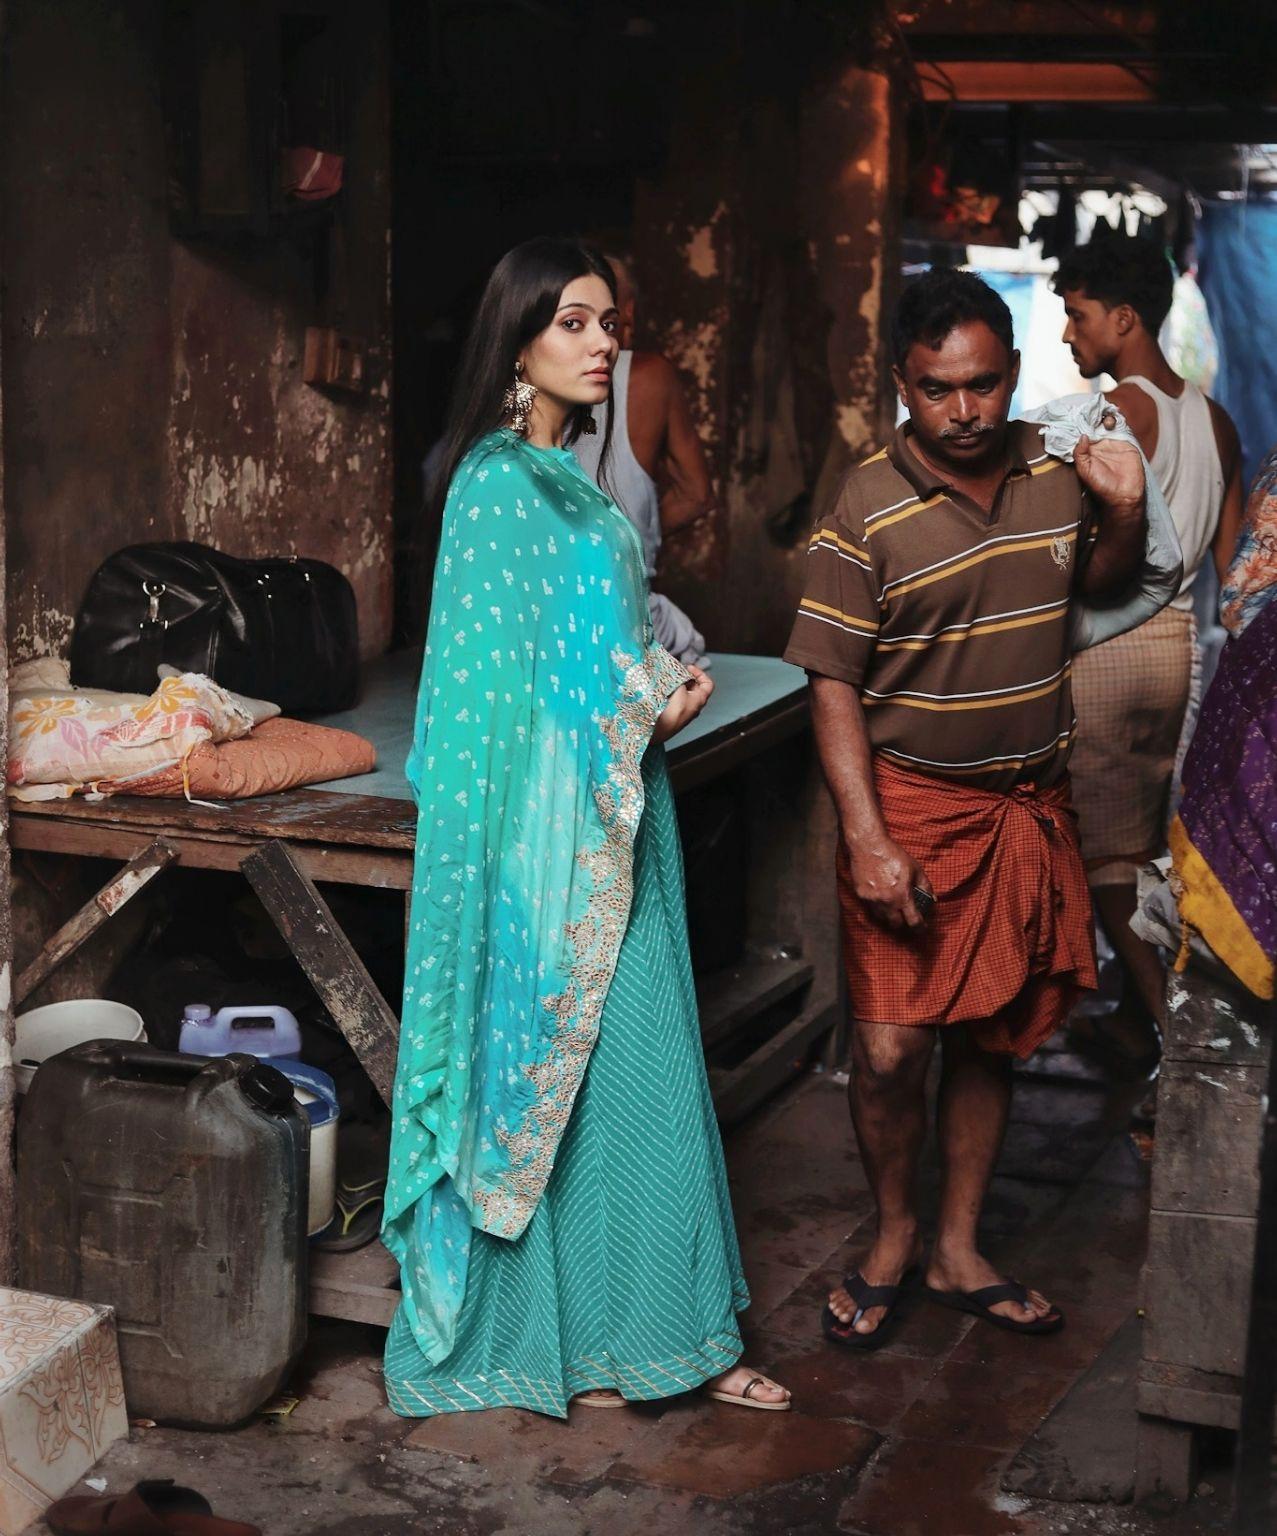 Photo of Mahalaxmi dhobi ghat By Aishwarya Sharma